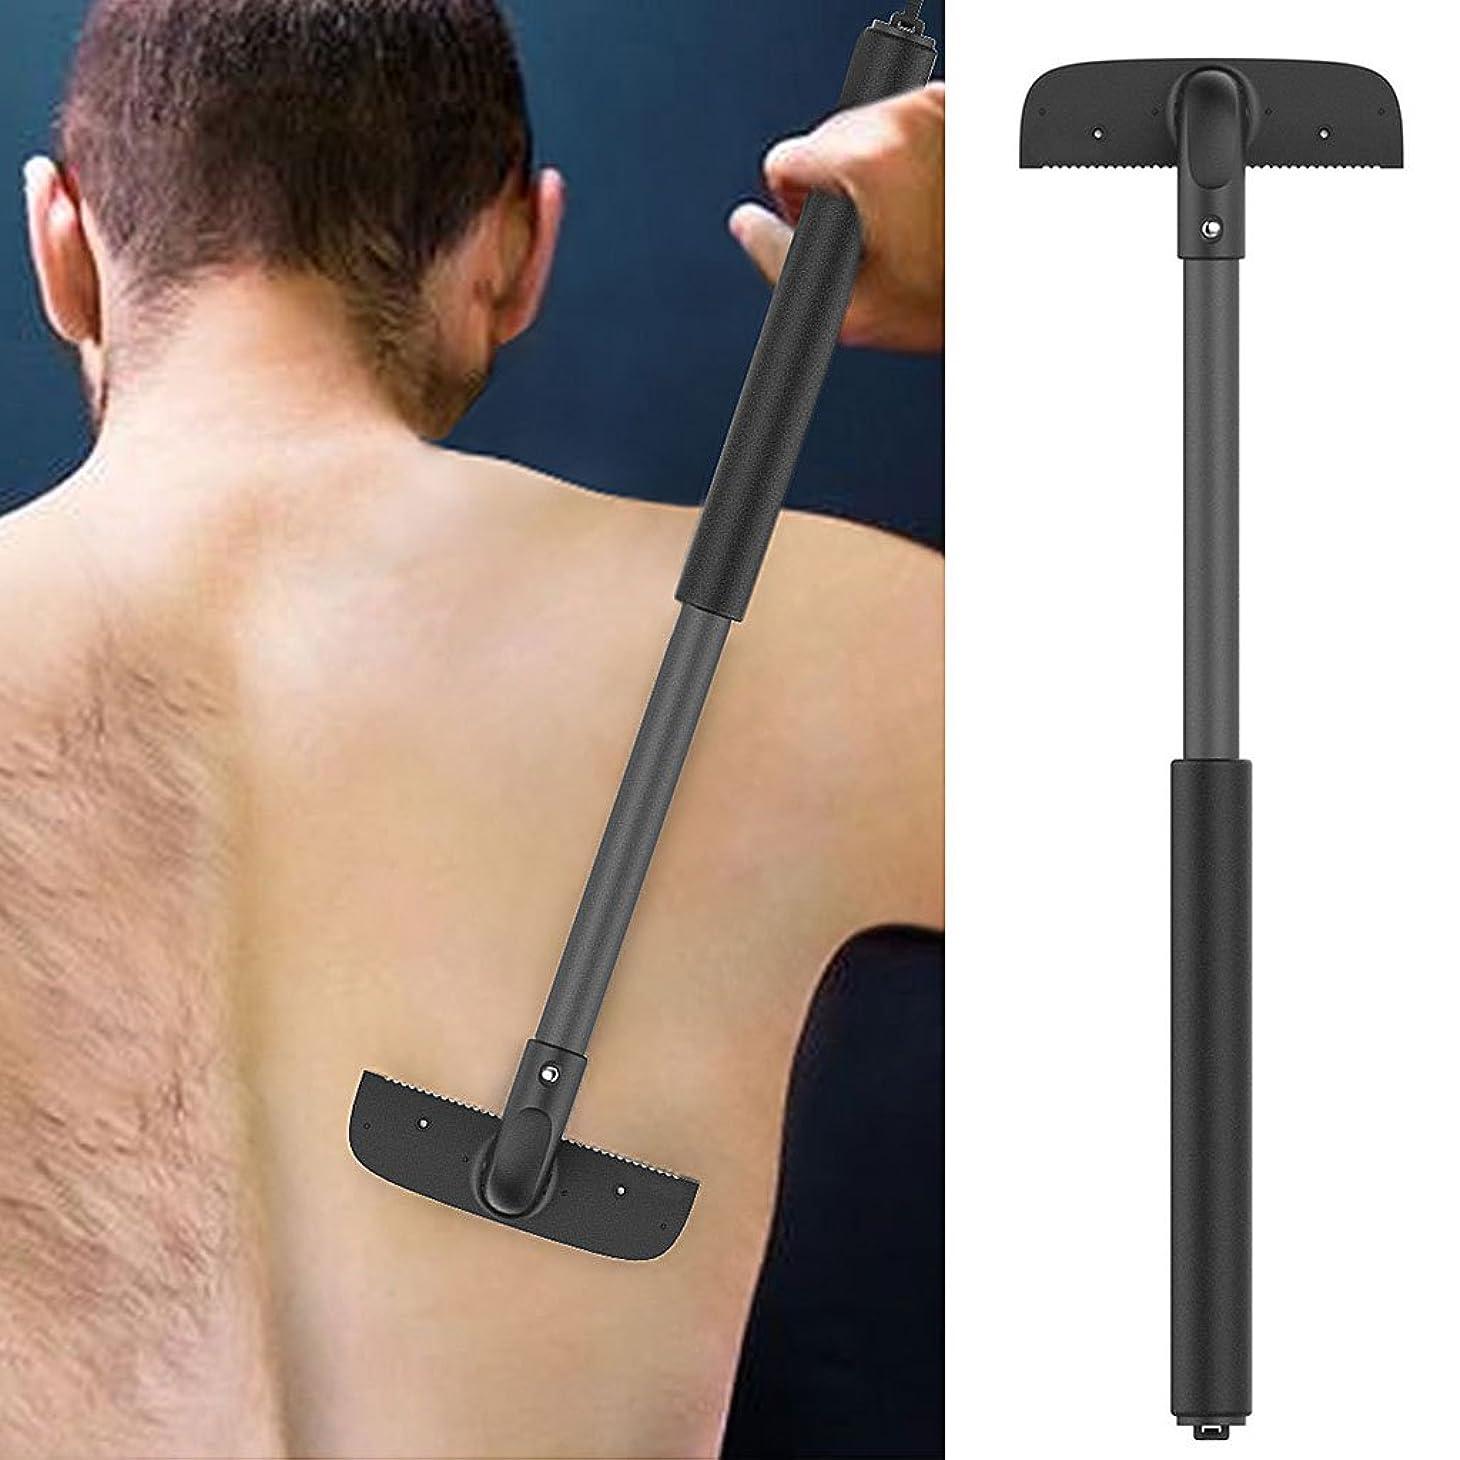 非難する隠すロードハウスバックヘアとボディシェーバー、Back Hair Removal And Body Shaver,男性のための剃刀、調節可能なハンドル、伸縮可能なトリマー剃刀セルフグロマーツール